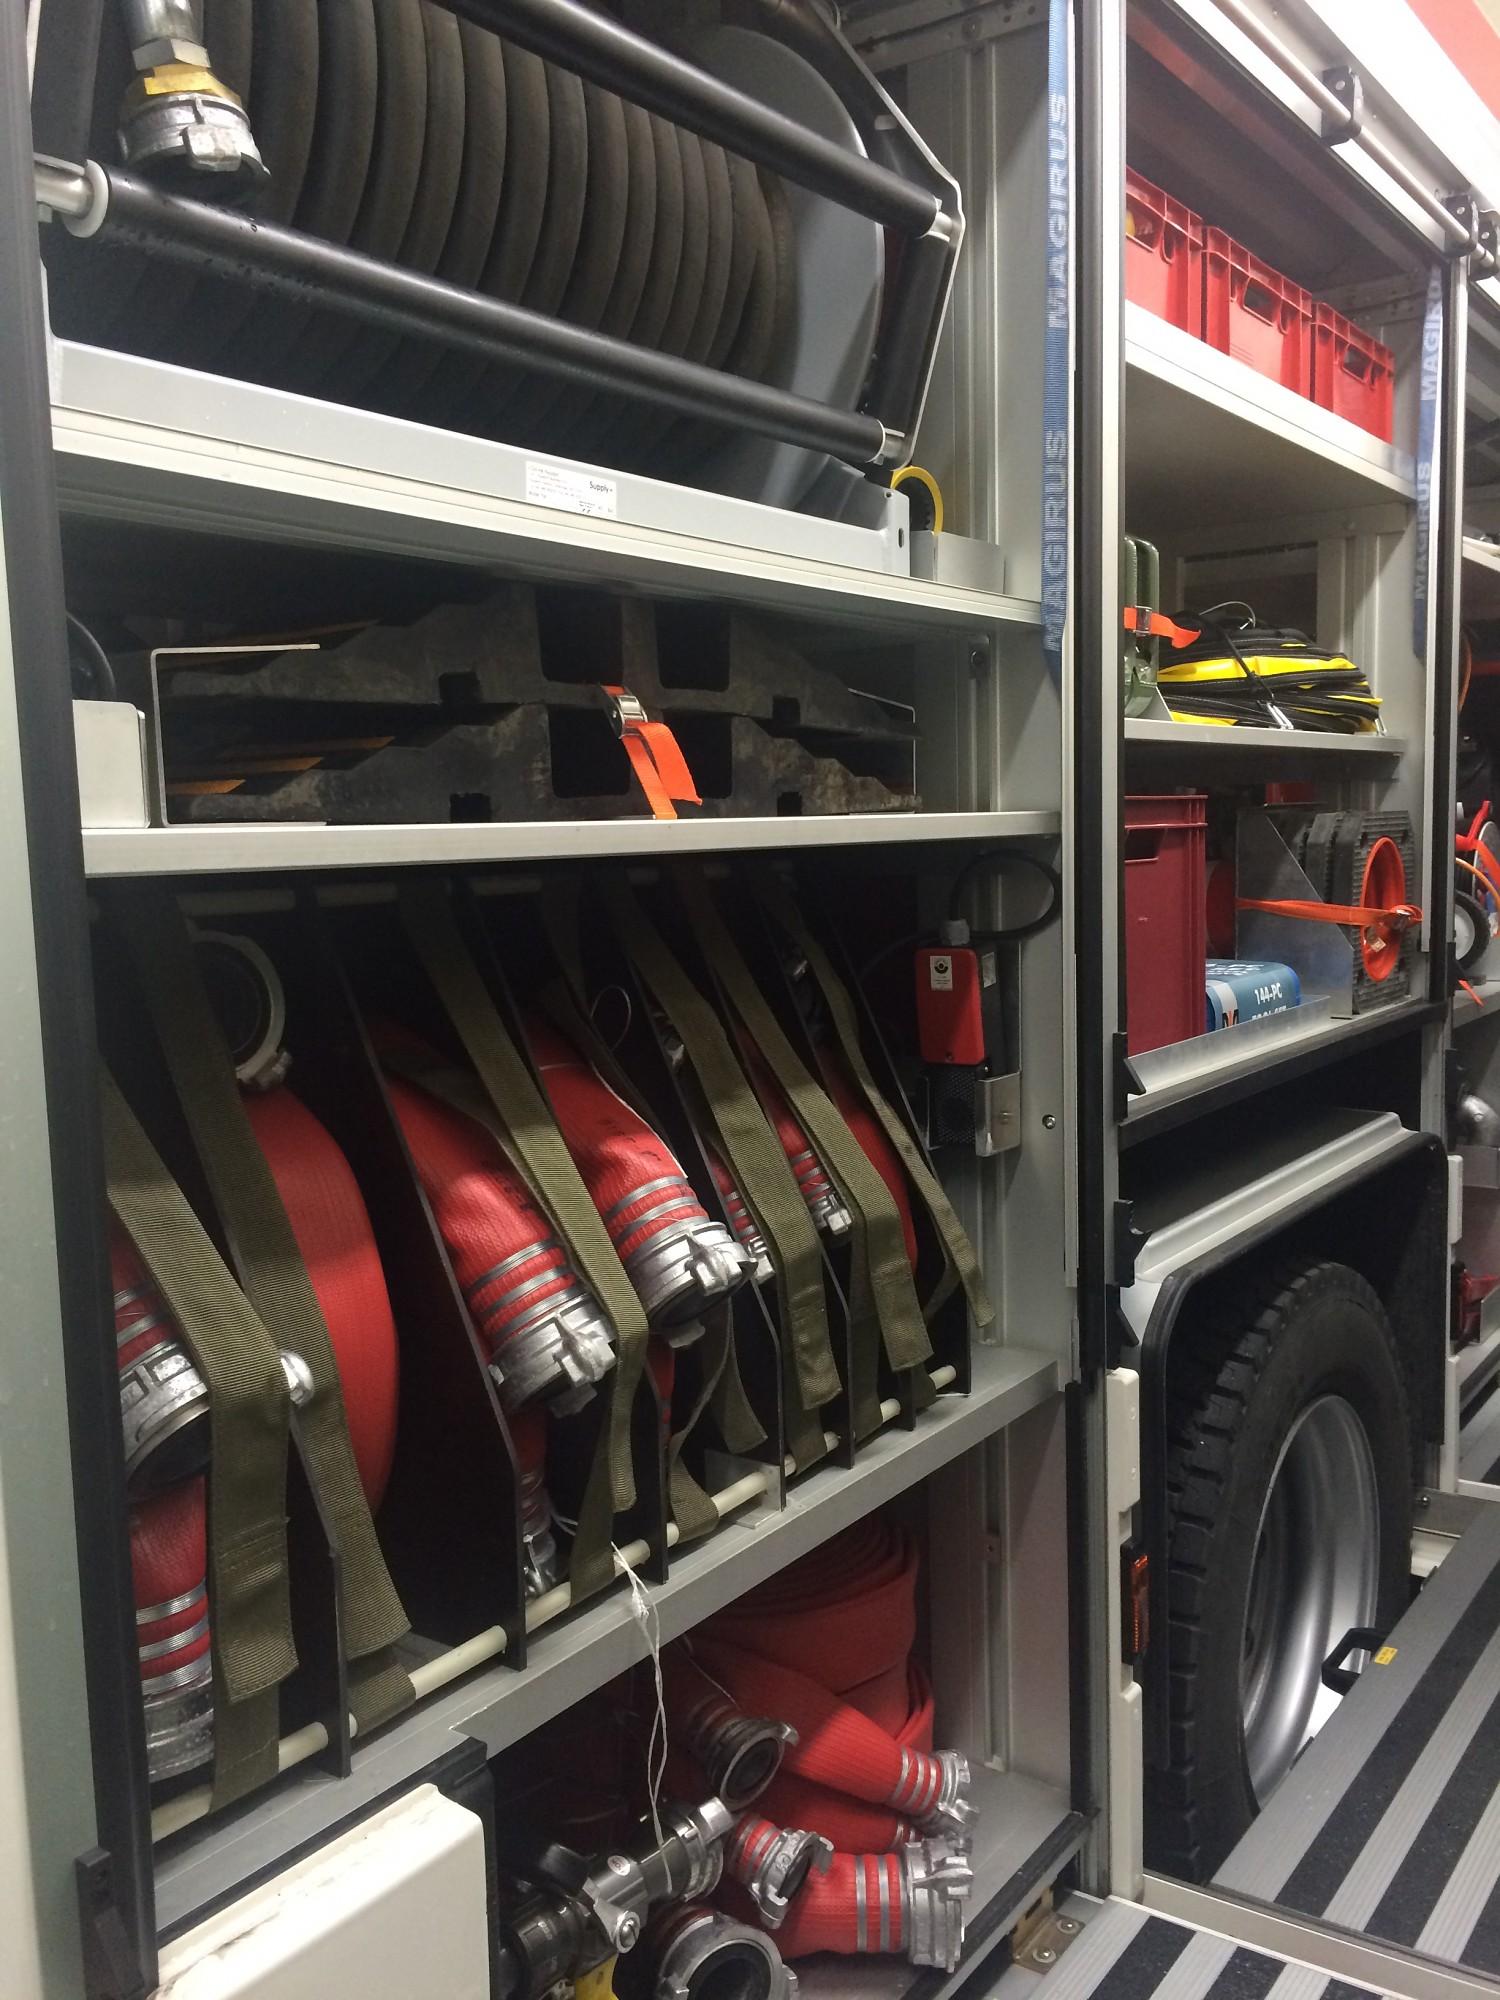 Nemierīga nakts ugunsdzēsējiem glābējiem. Karostā degušas divas automašīnas